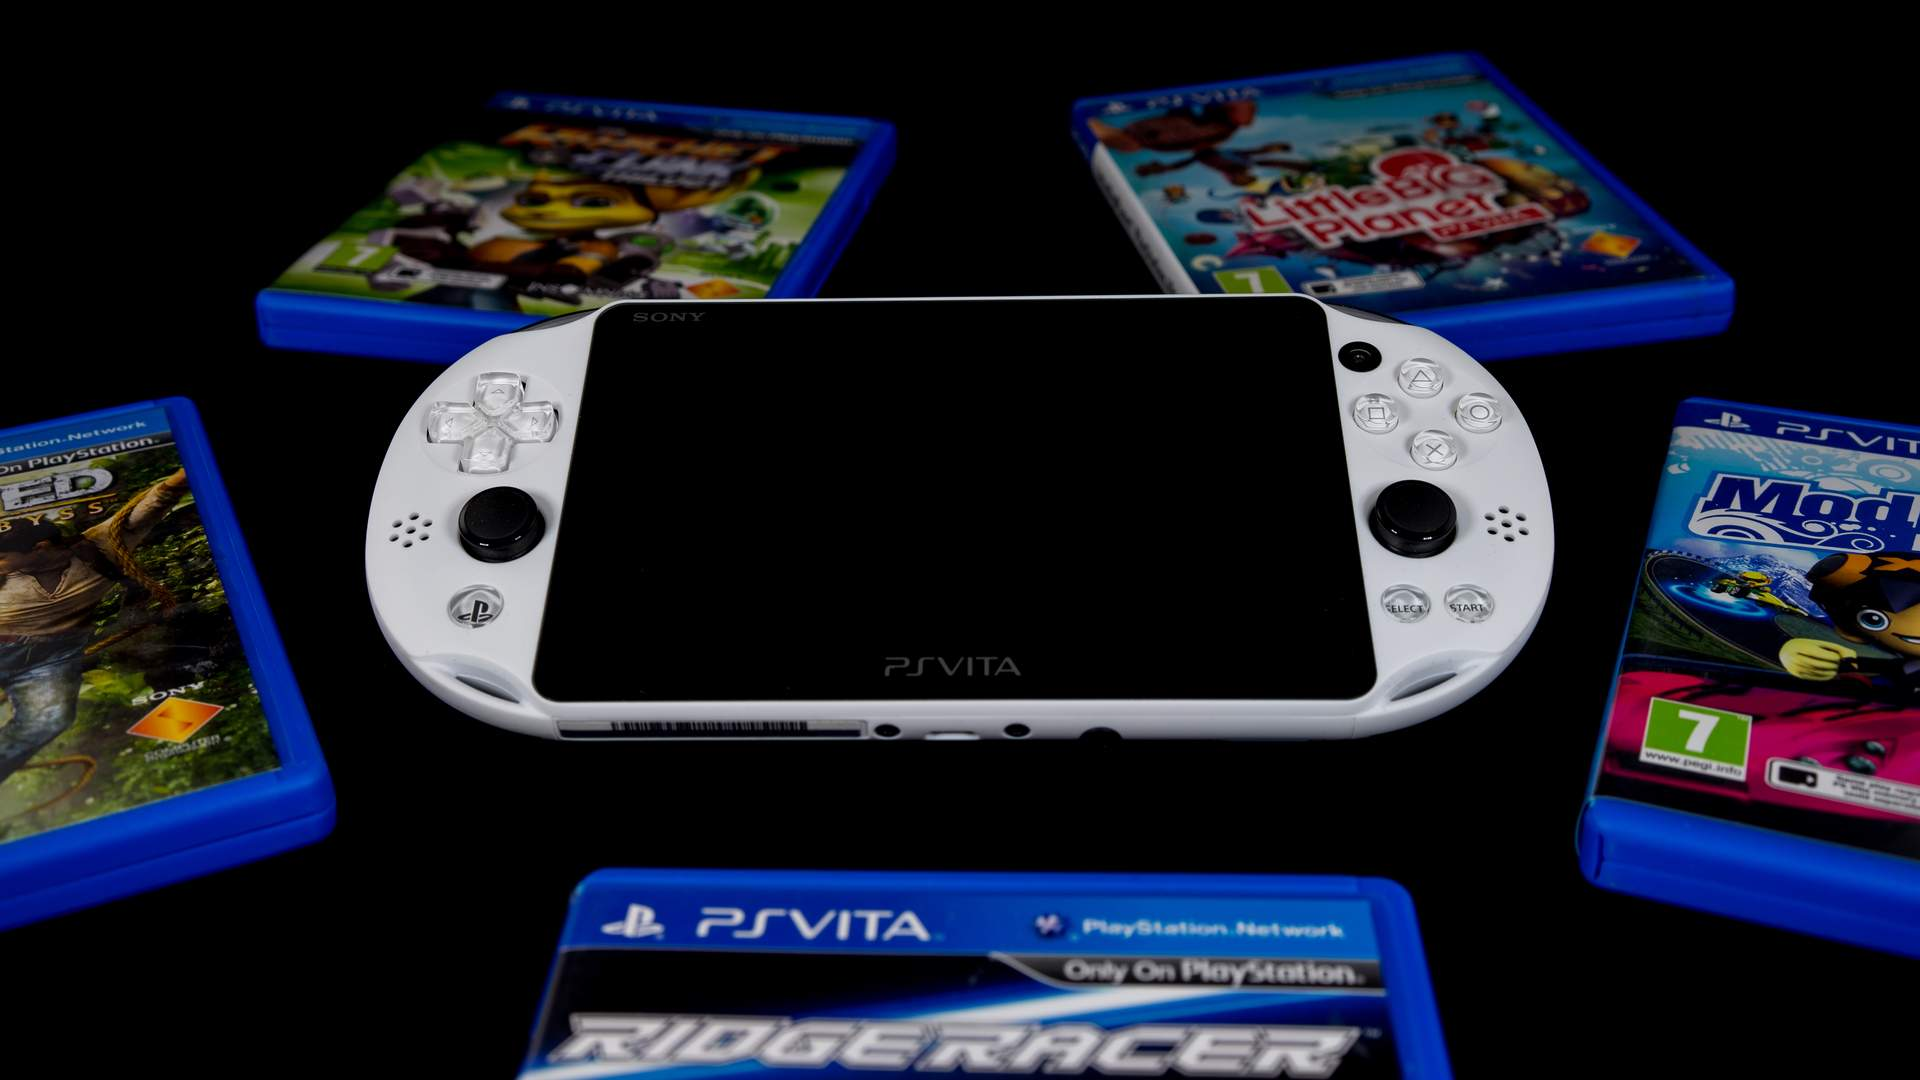 Considerado o melhor videogame de mão pelos fãs da marca, o PS Vita tinha gráficos impressionantes para um portátil da época (Fonte: Shutterstock/Travers Lewis)